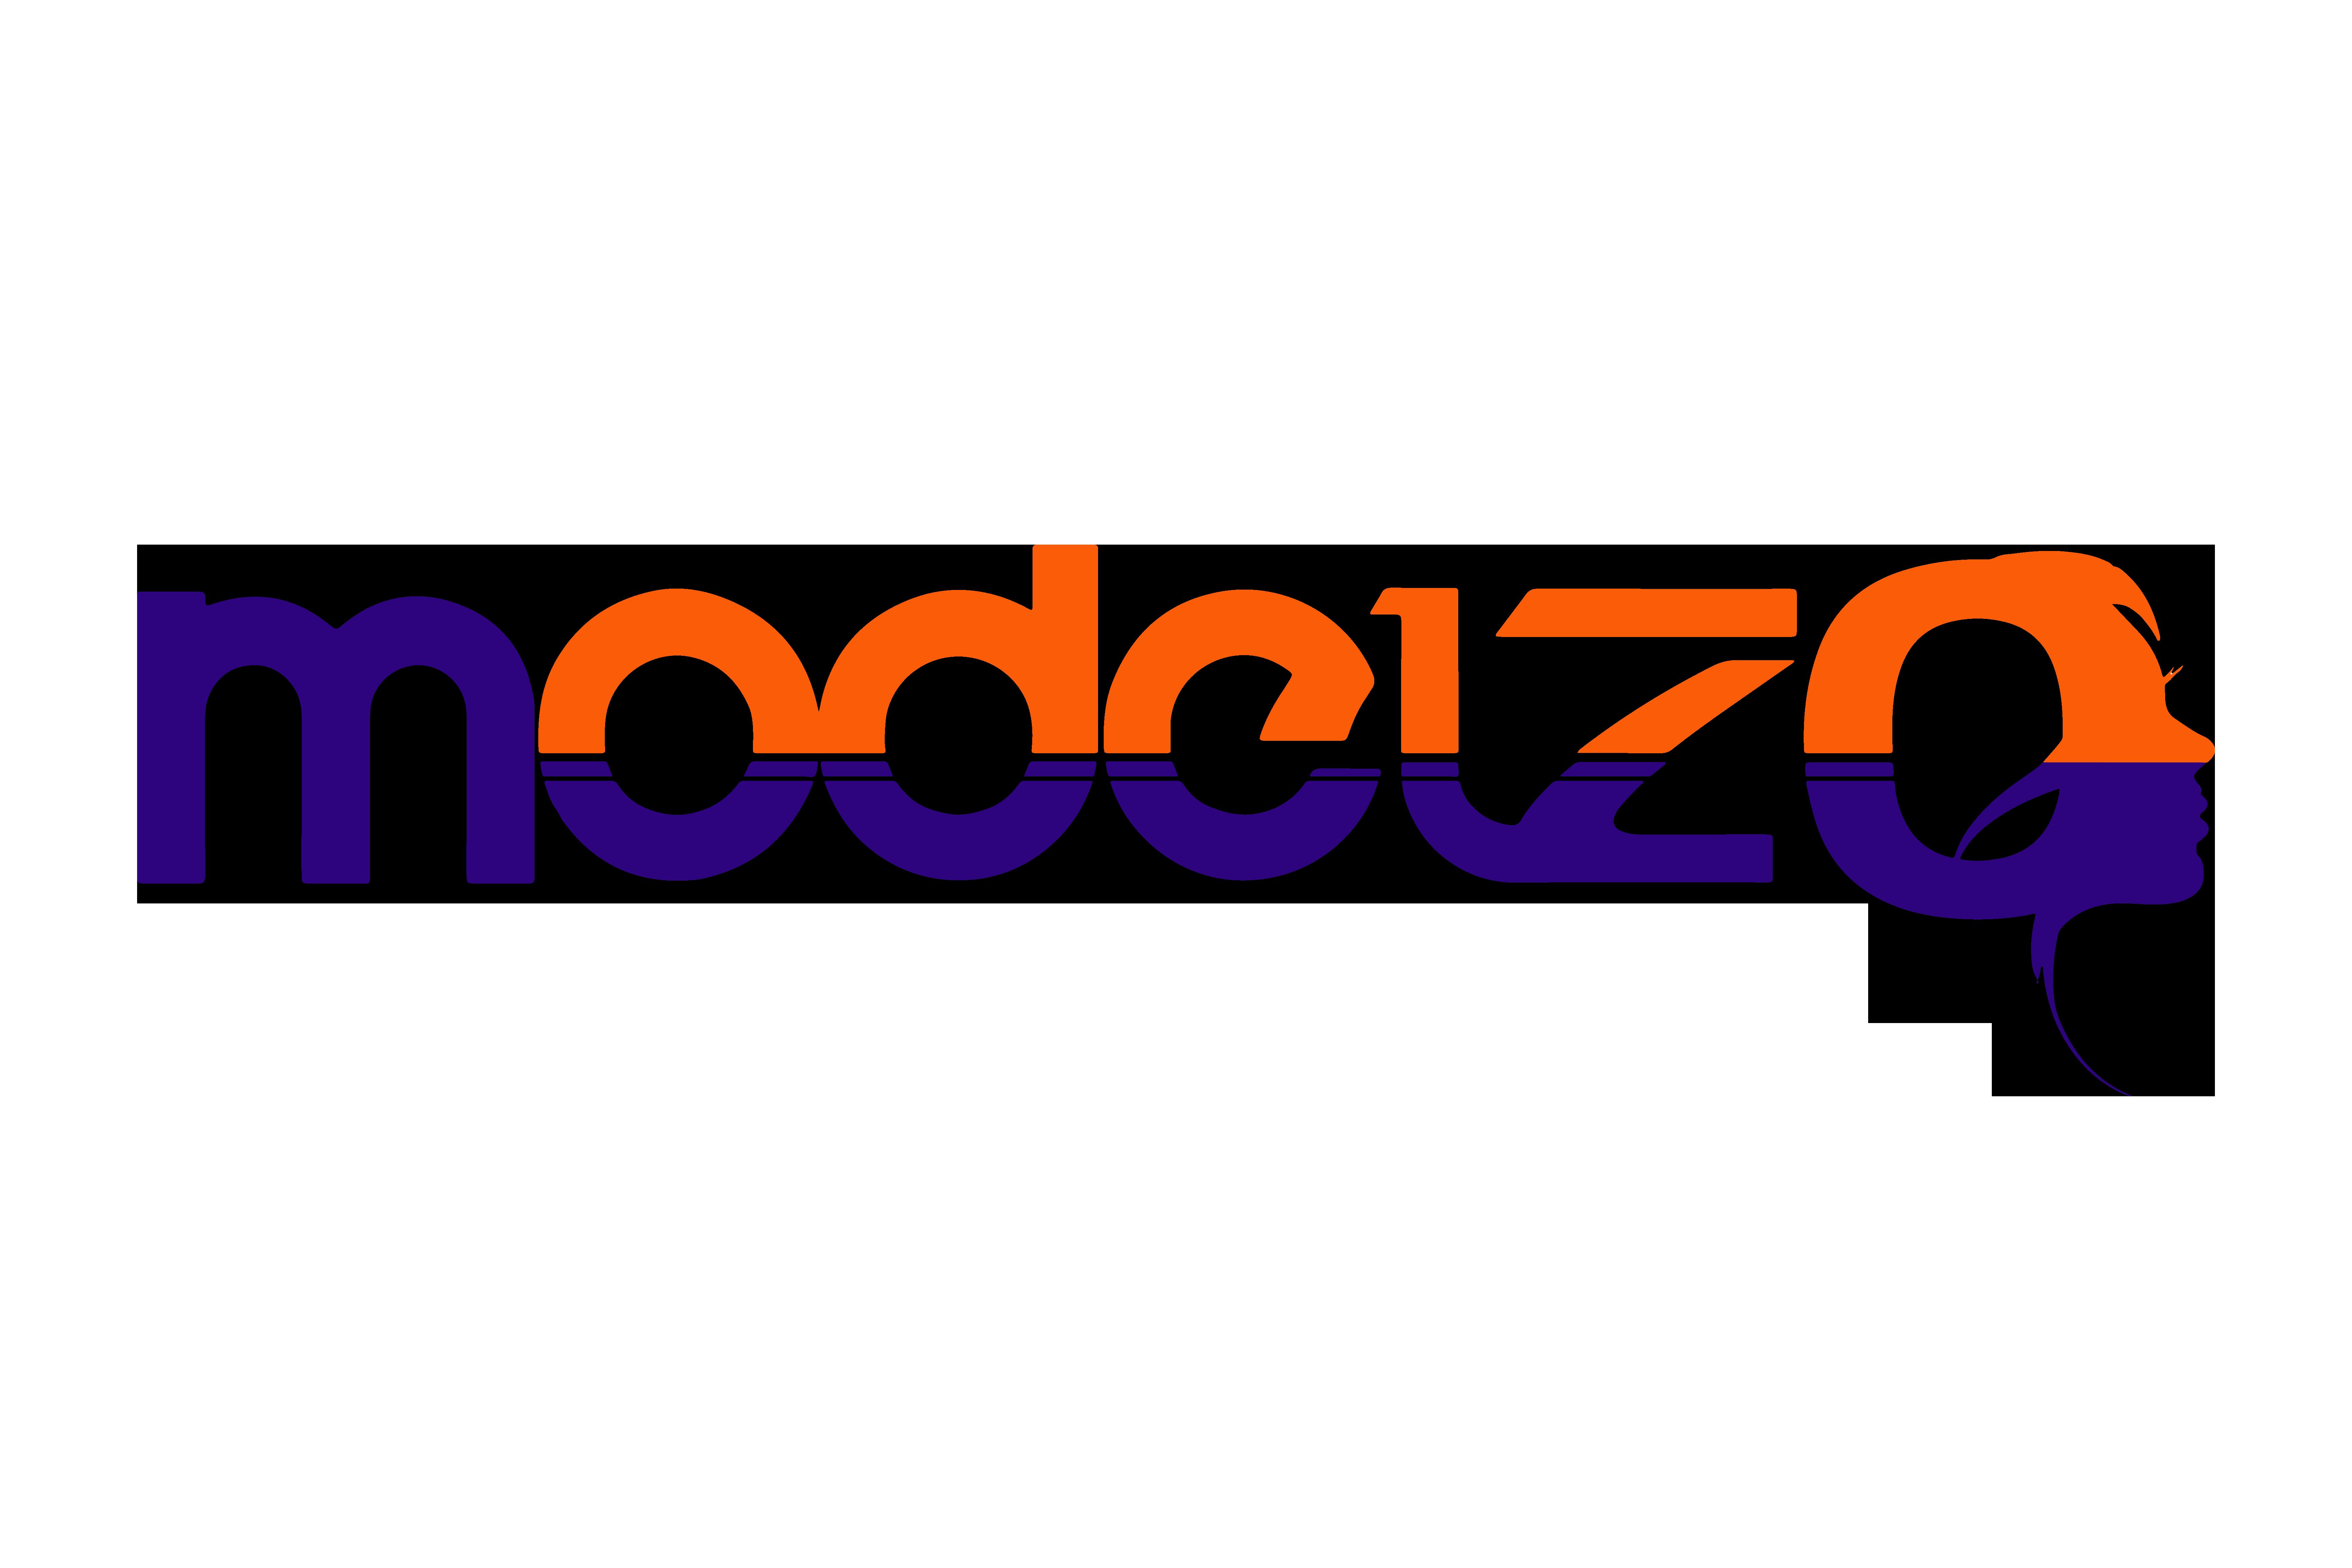 logo-final-png-modelzo